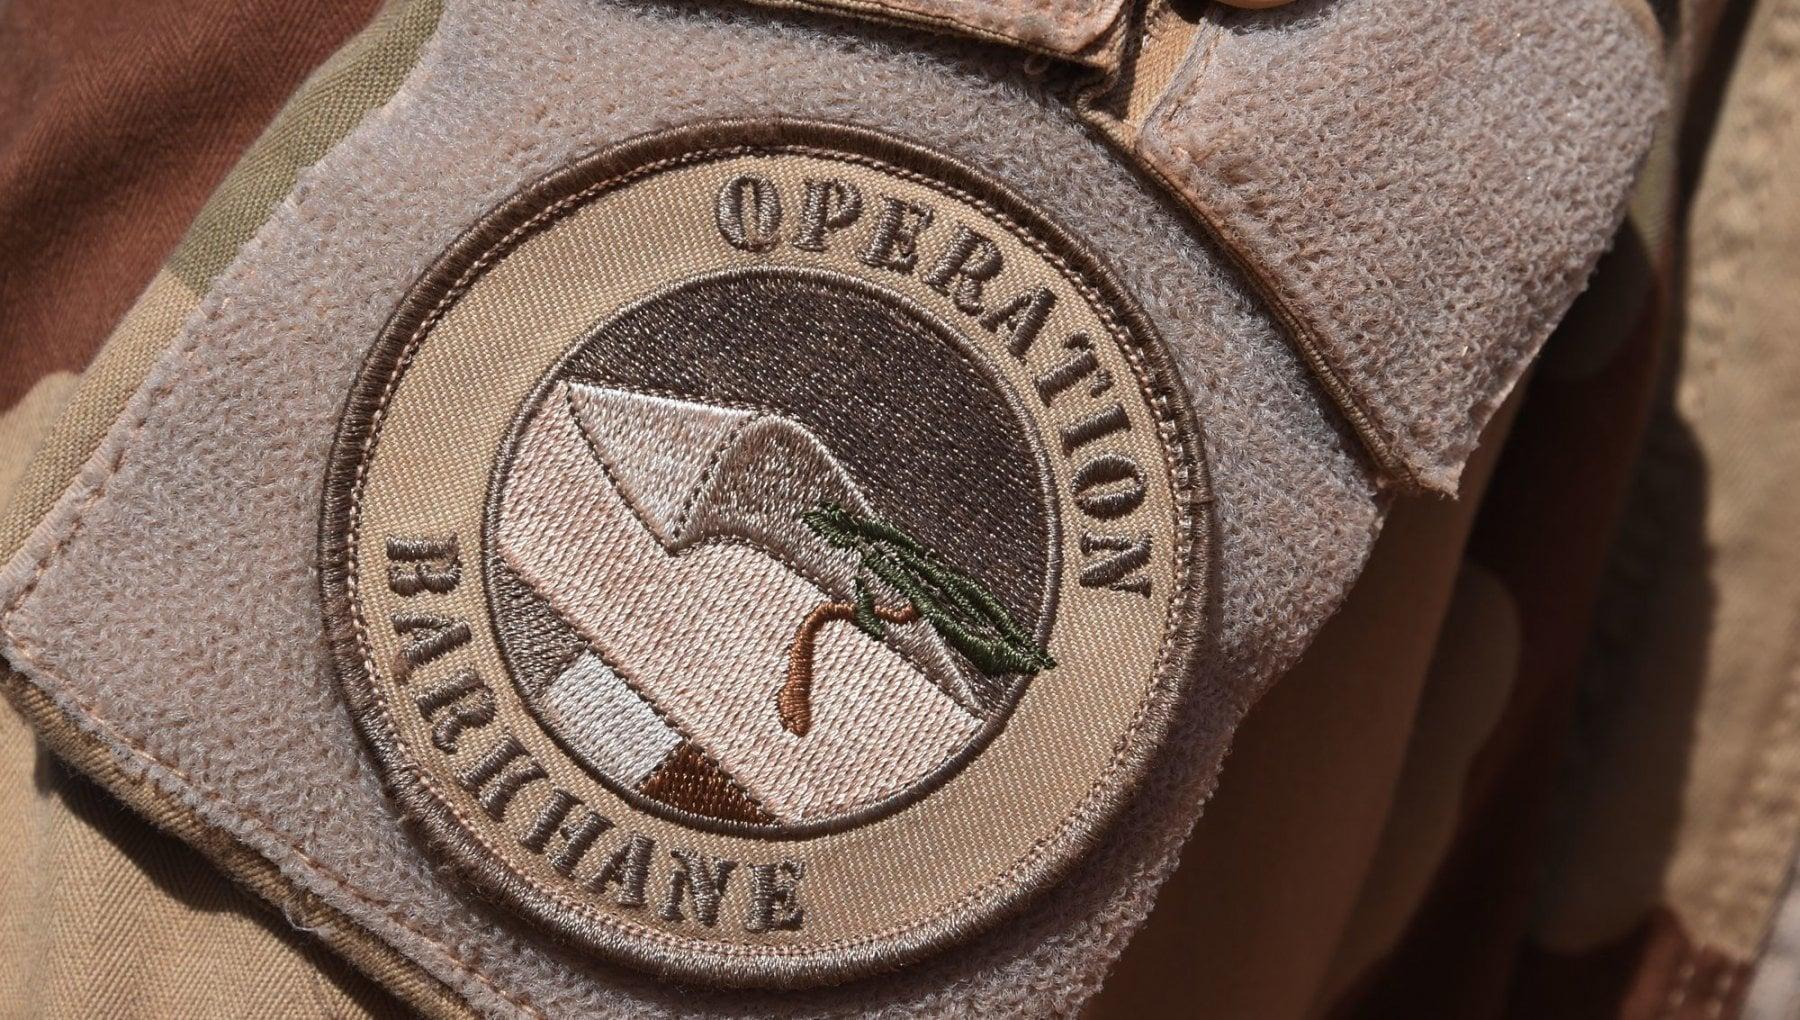 203233256 950d9761 ea34 4cdd b0fe b0131ef755bf - Mali, uccisi tre soldati francesi durante un'operazione militare